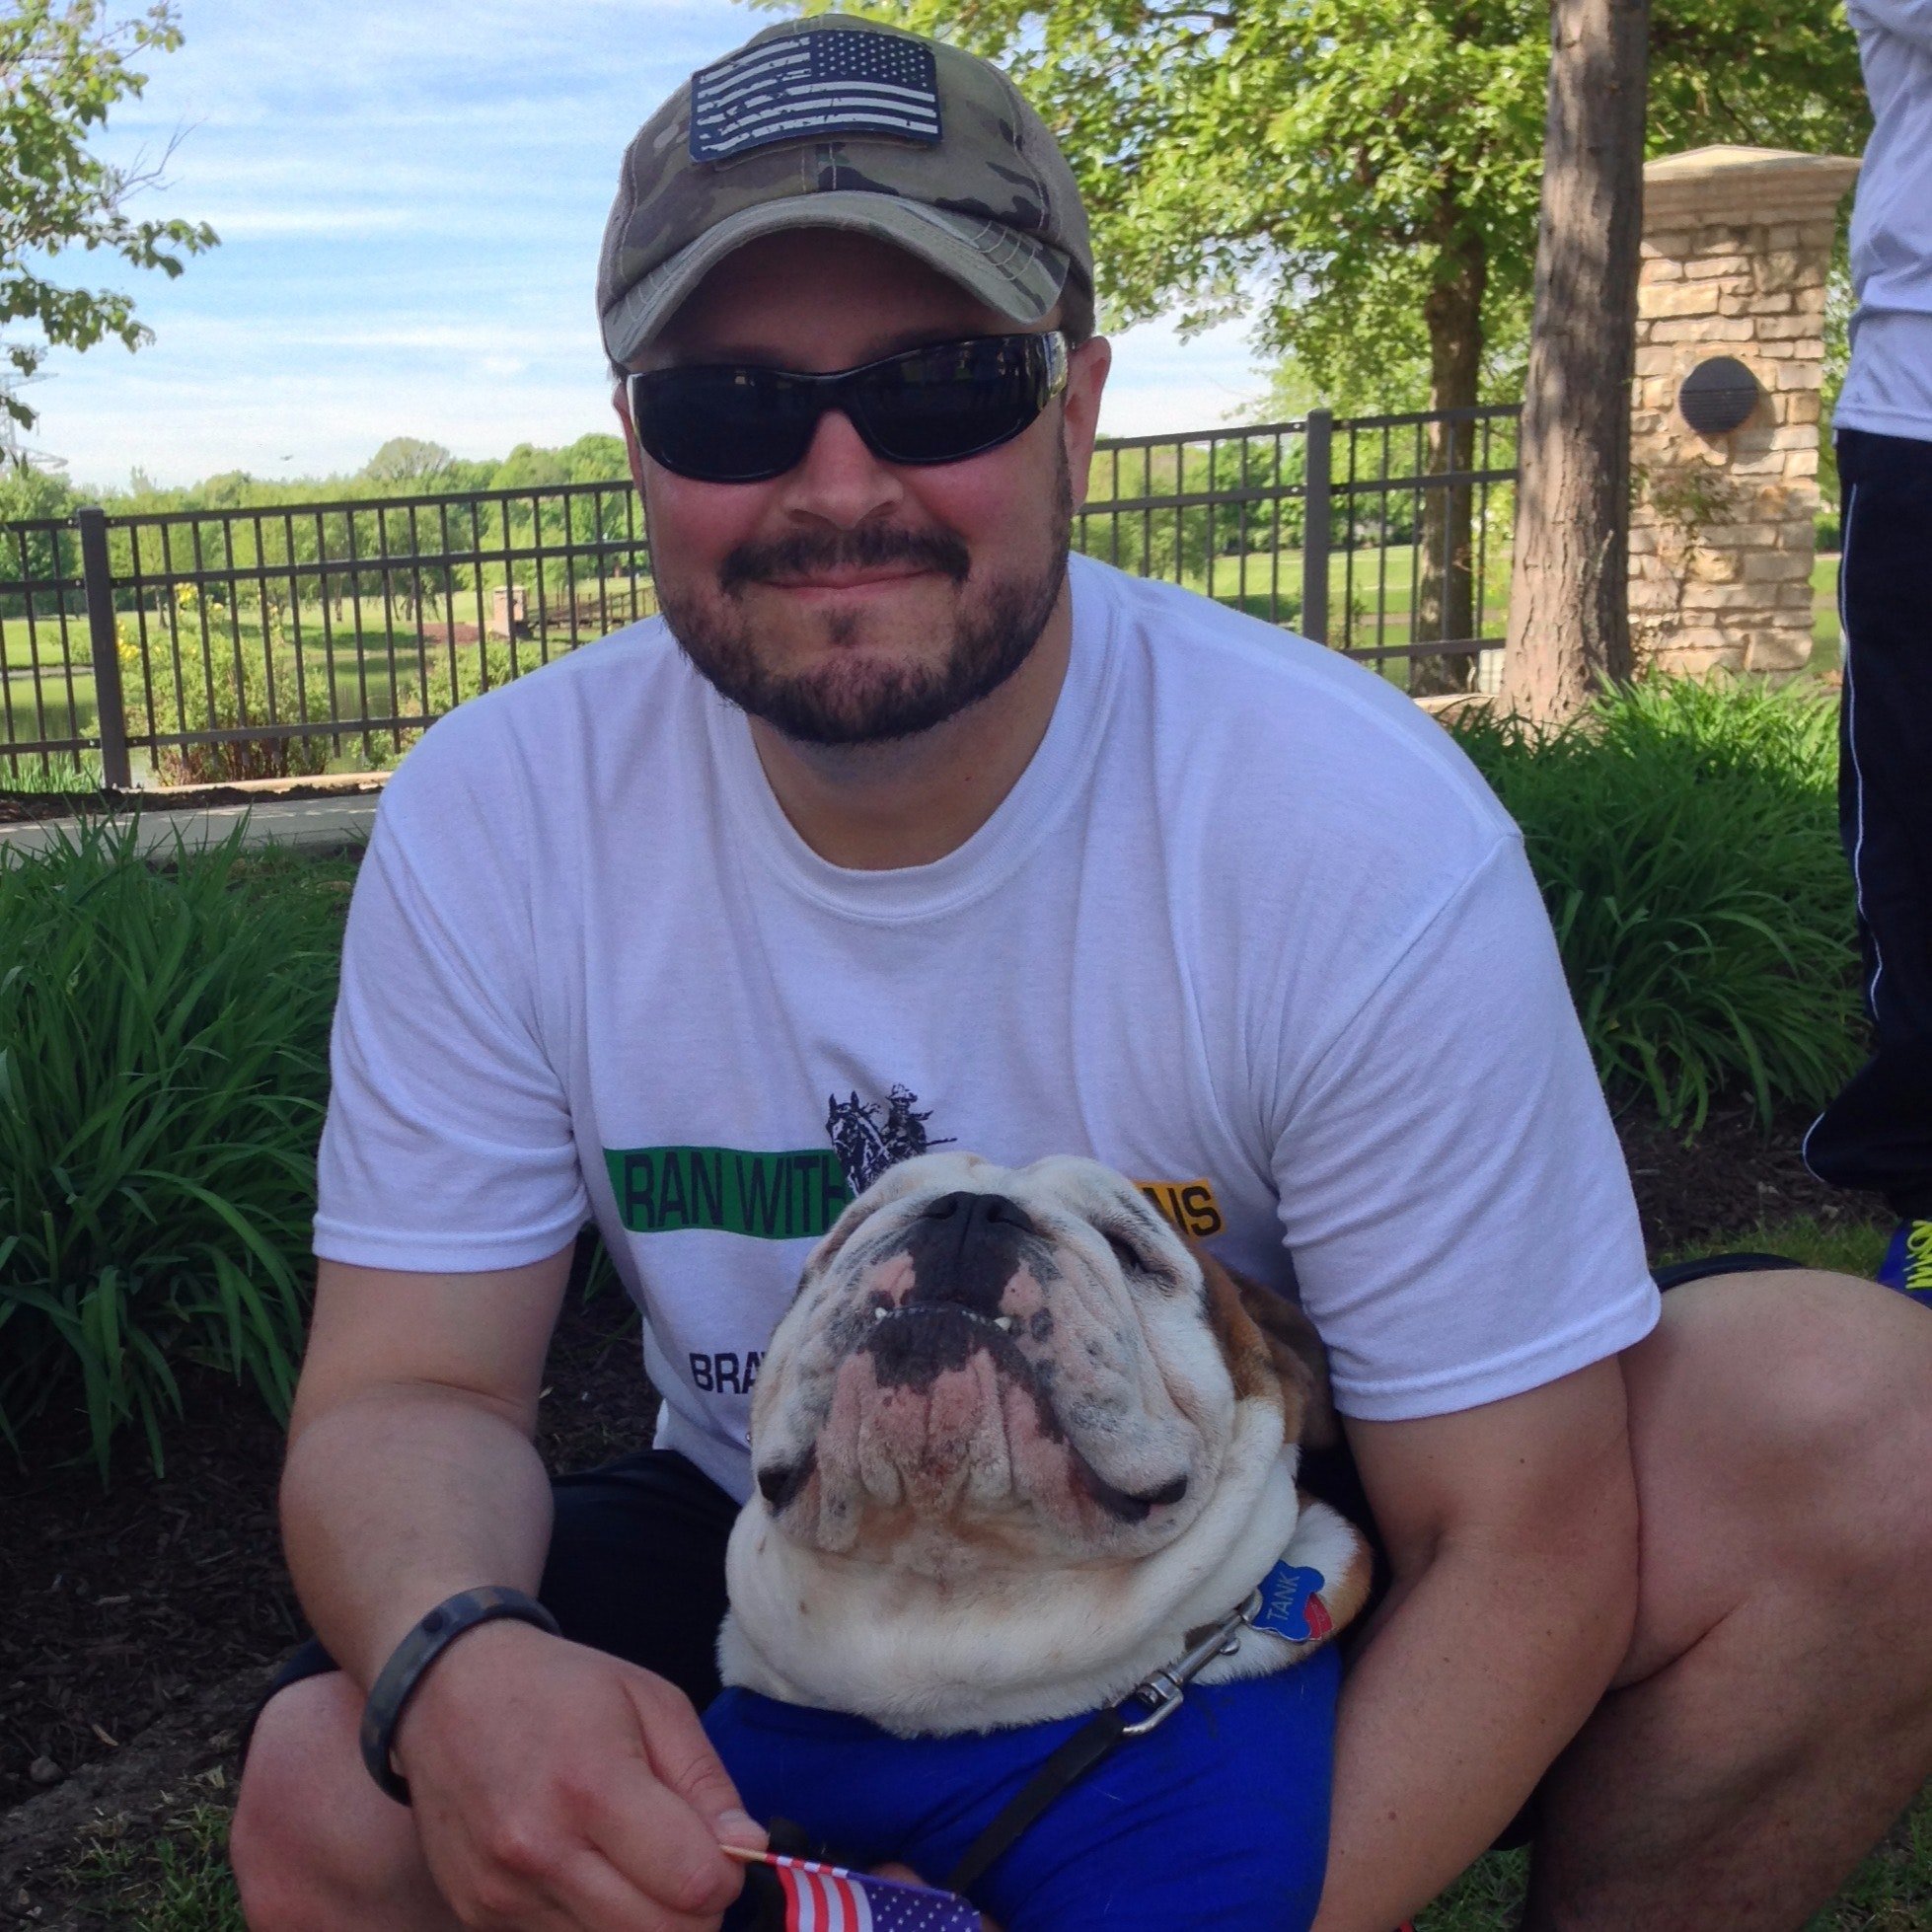 Dain's dog day care